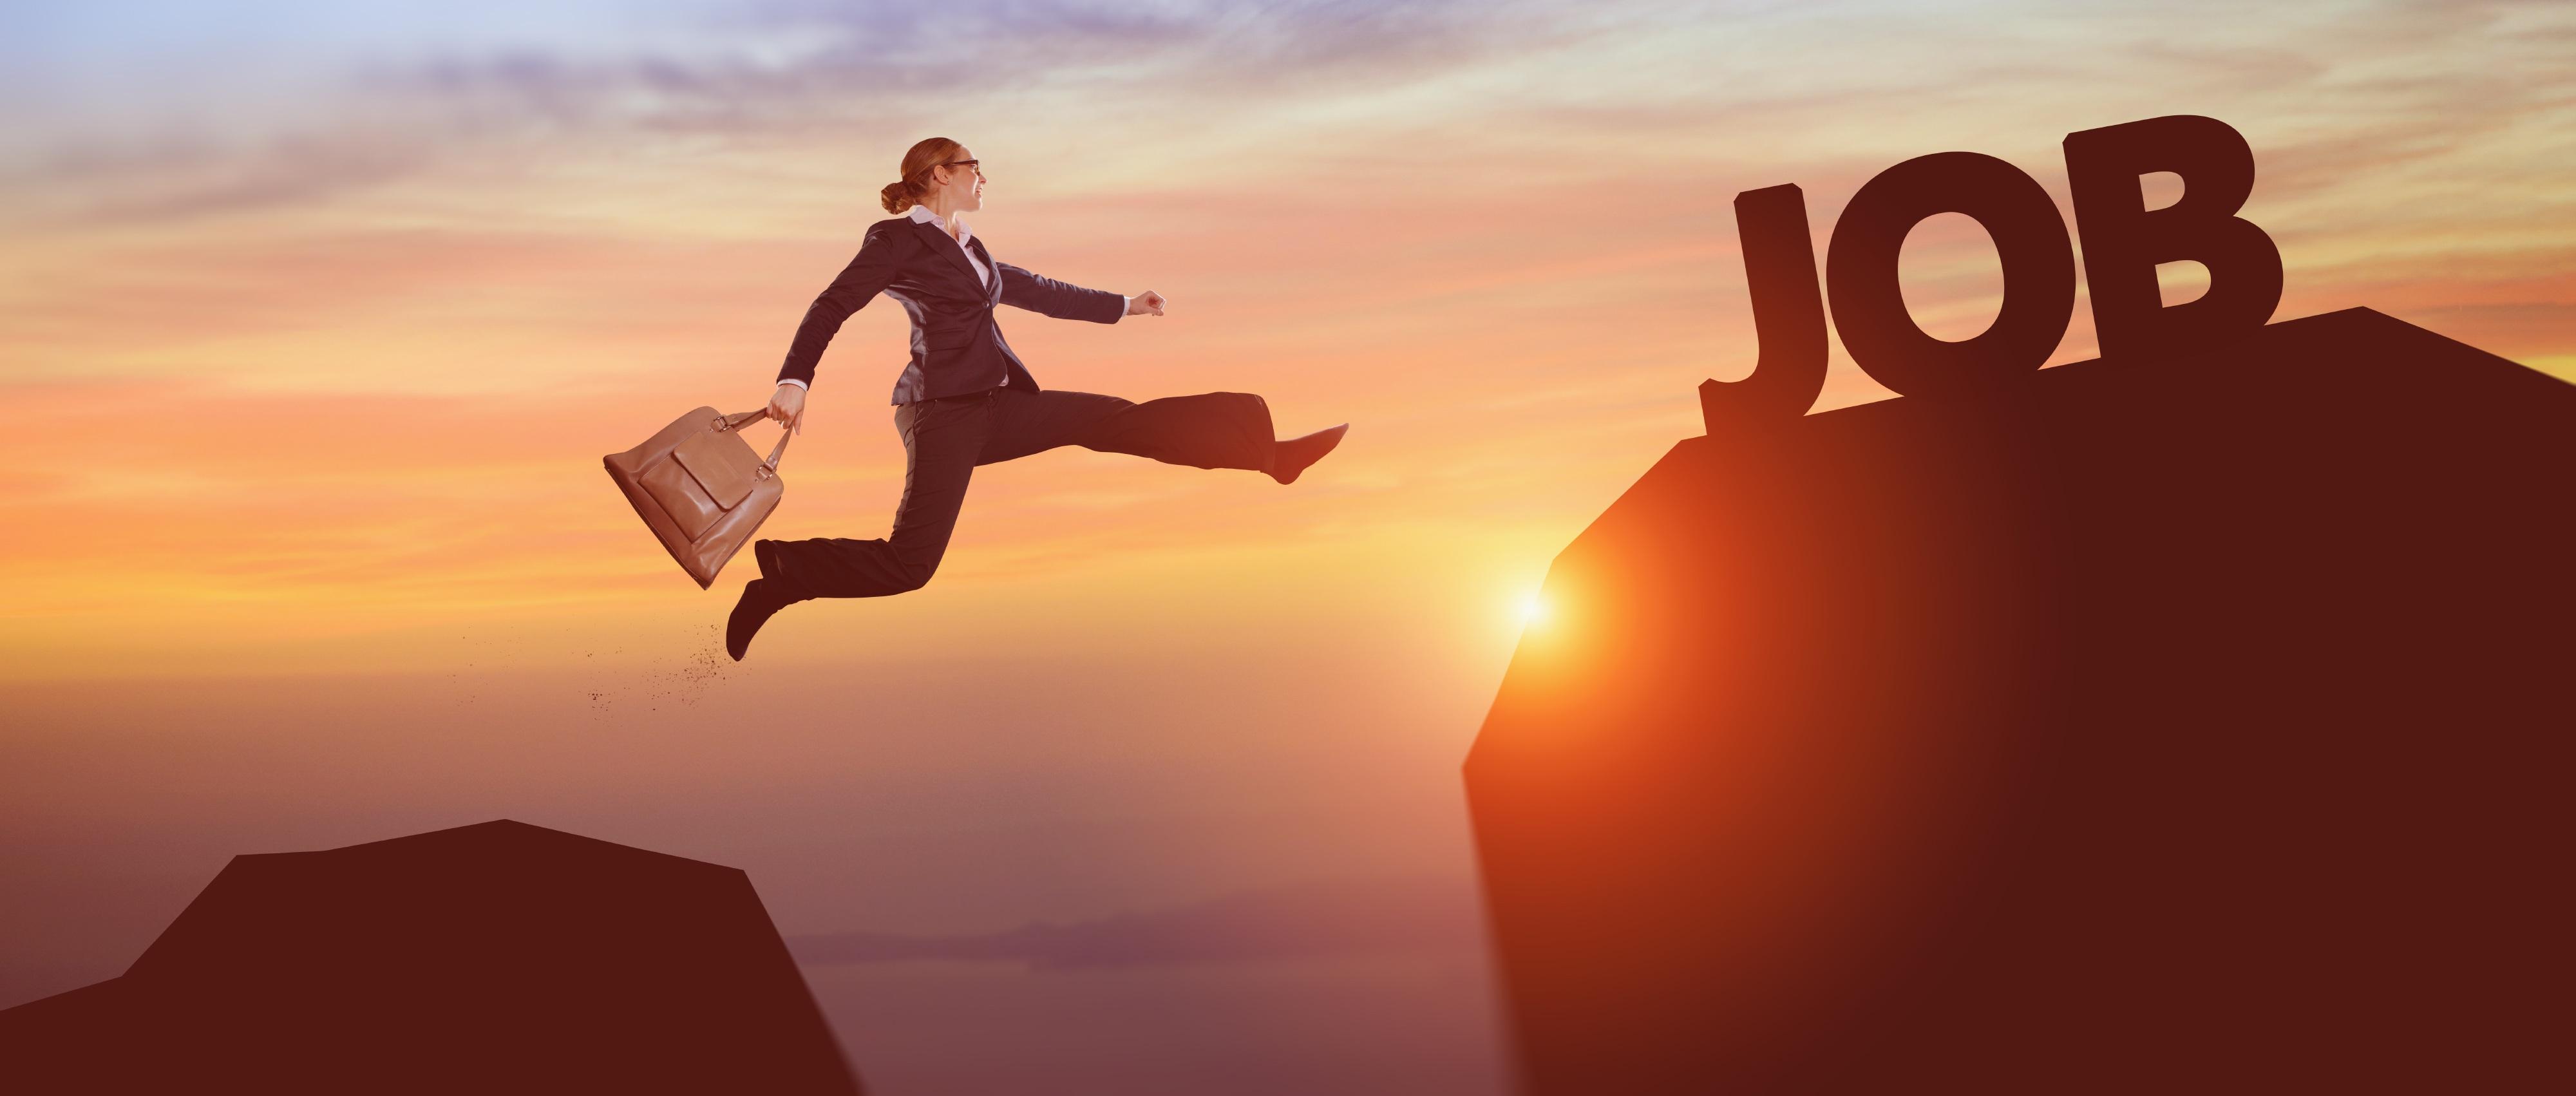 """Berge versetzen mit einem besseren Bewusstsein für die eigenen Stärken.   Bild: pixabay/ <a href=""""https://pixabay.com/de/users/FotografieLink-6316043/"""" rel=""""nofollow"""" title=""""Foto Link"""" target=""""true"""">FotografieLink</a>"""